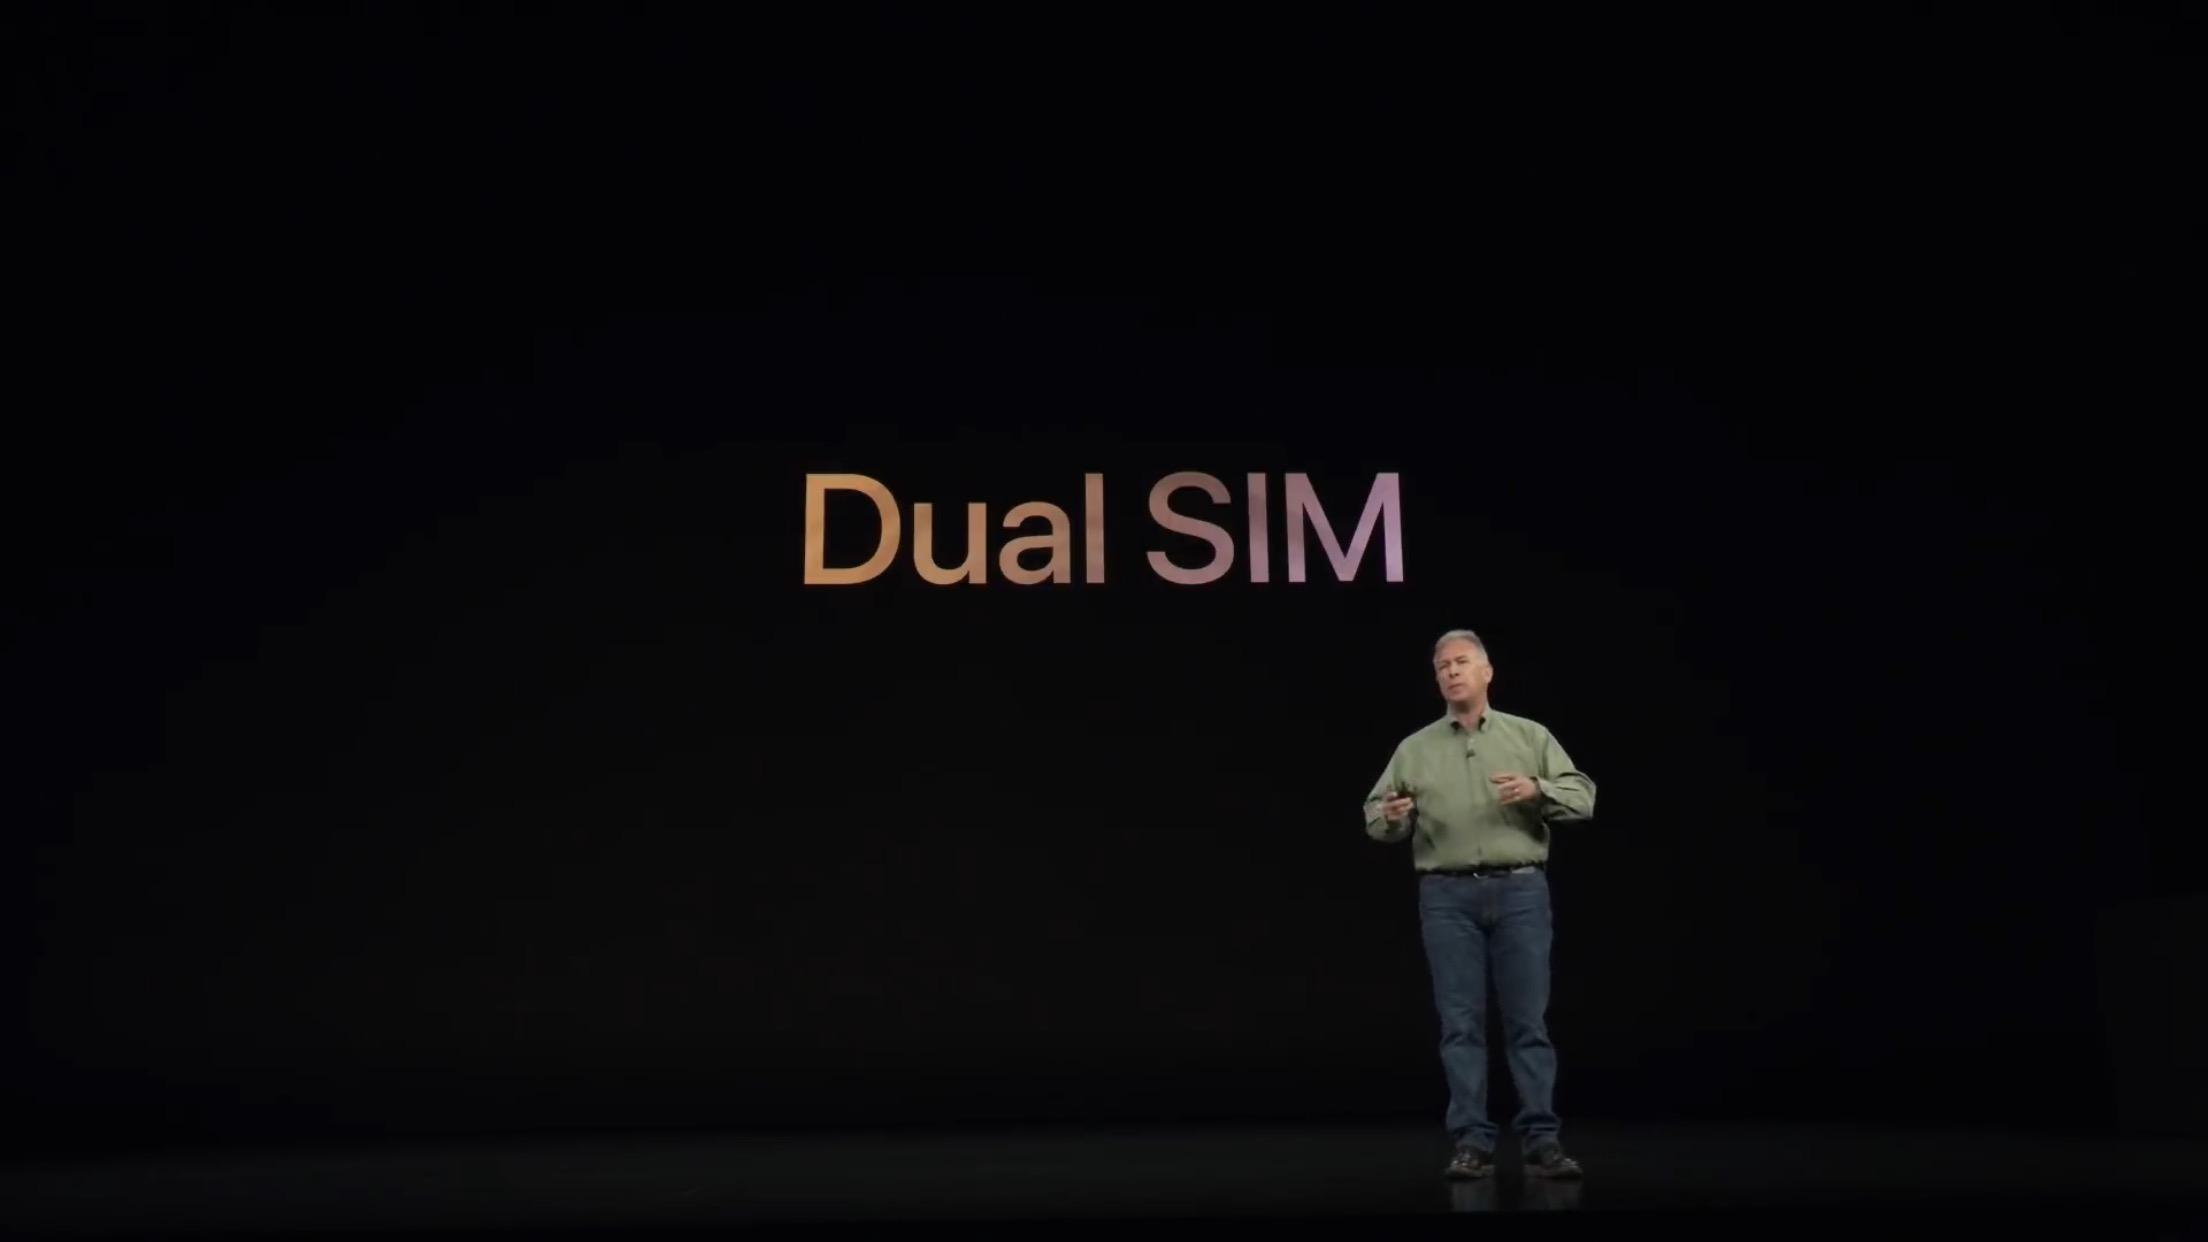 GigSky、日本国内でiPhone XS・XR向けのデュアルSIM・eSIMサービスを提供開始。